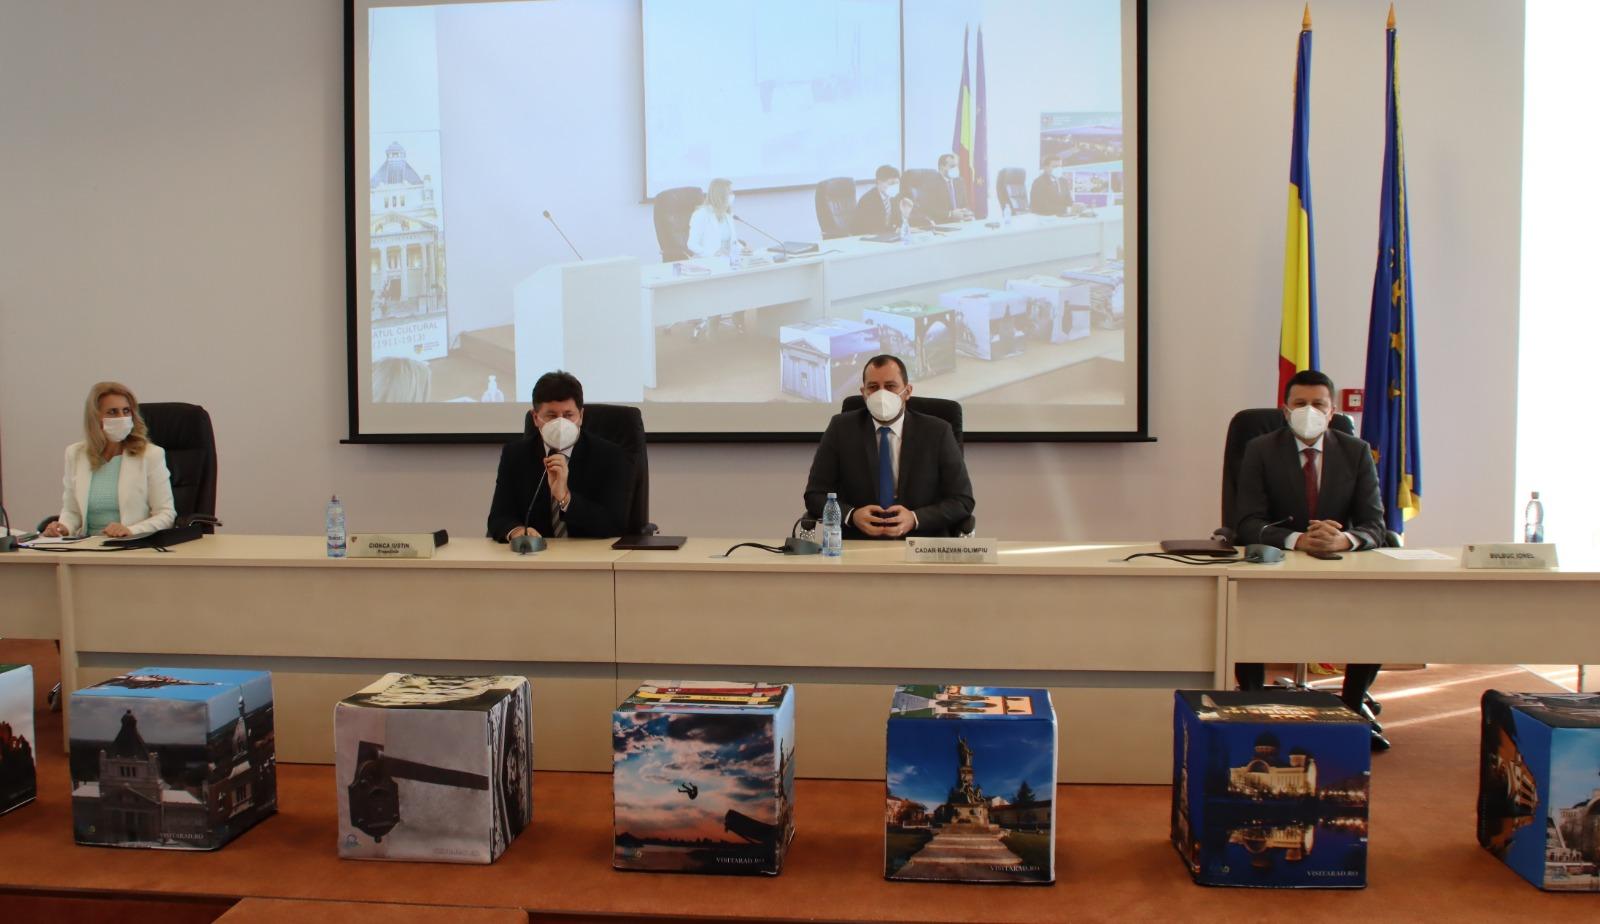 Răzvan Cadar, confirmat în funcția de vicepreședinte al Consiliului Județean Arad!